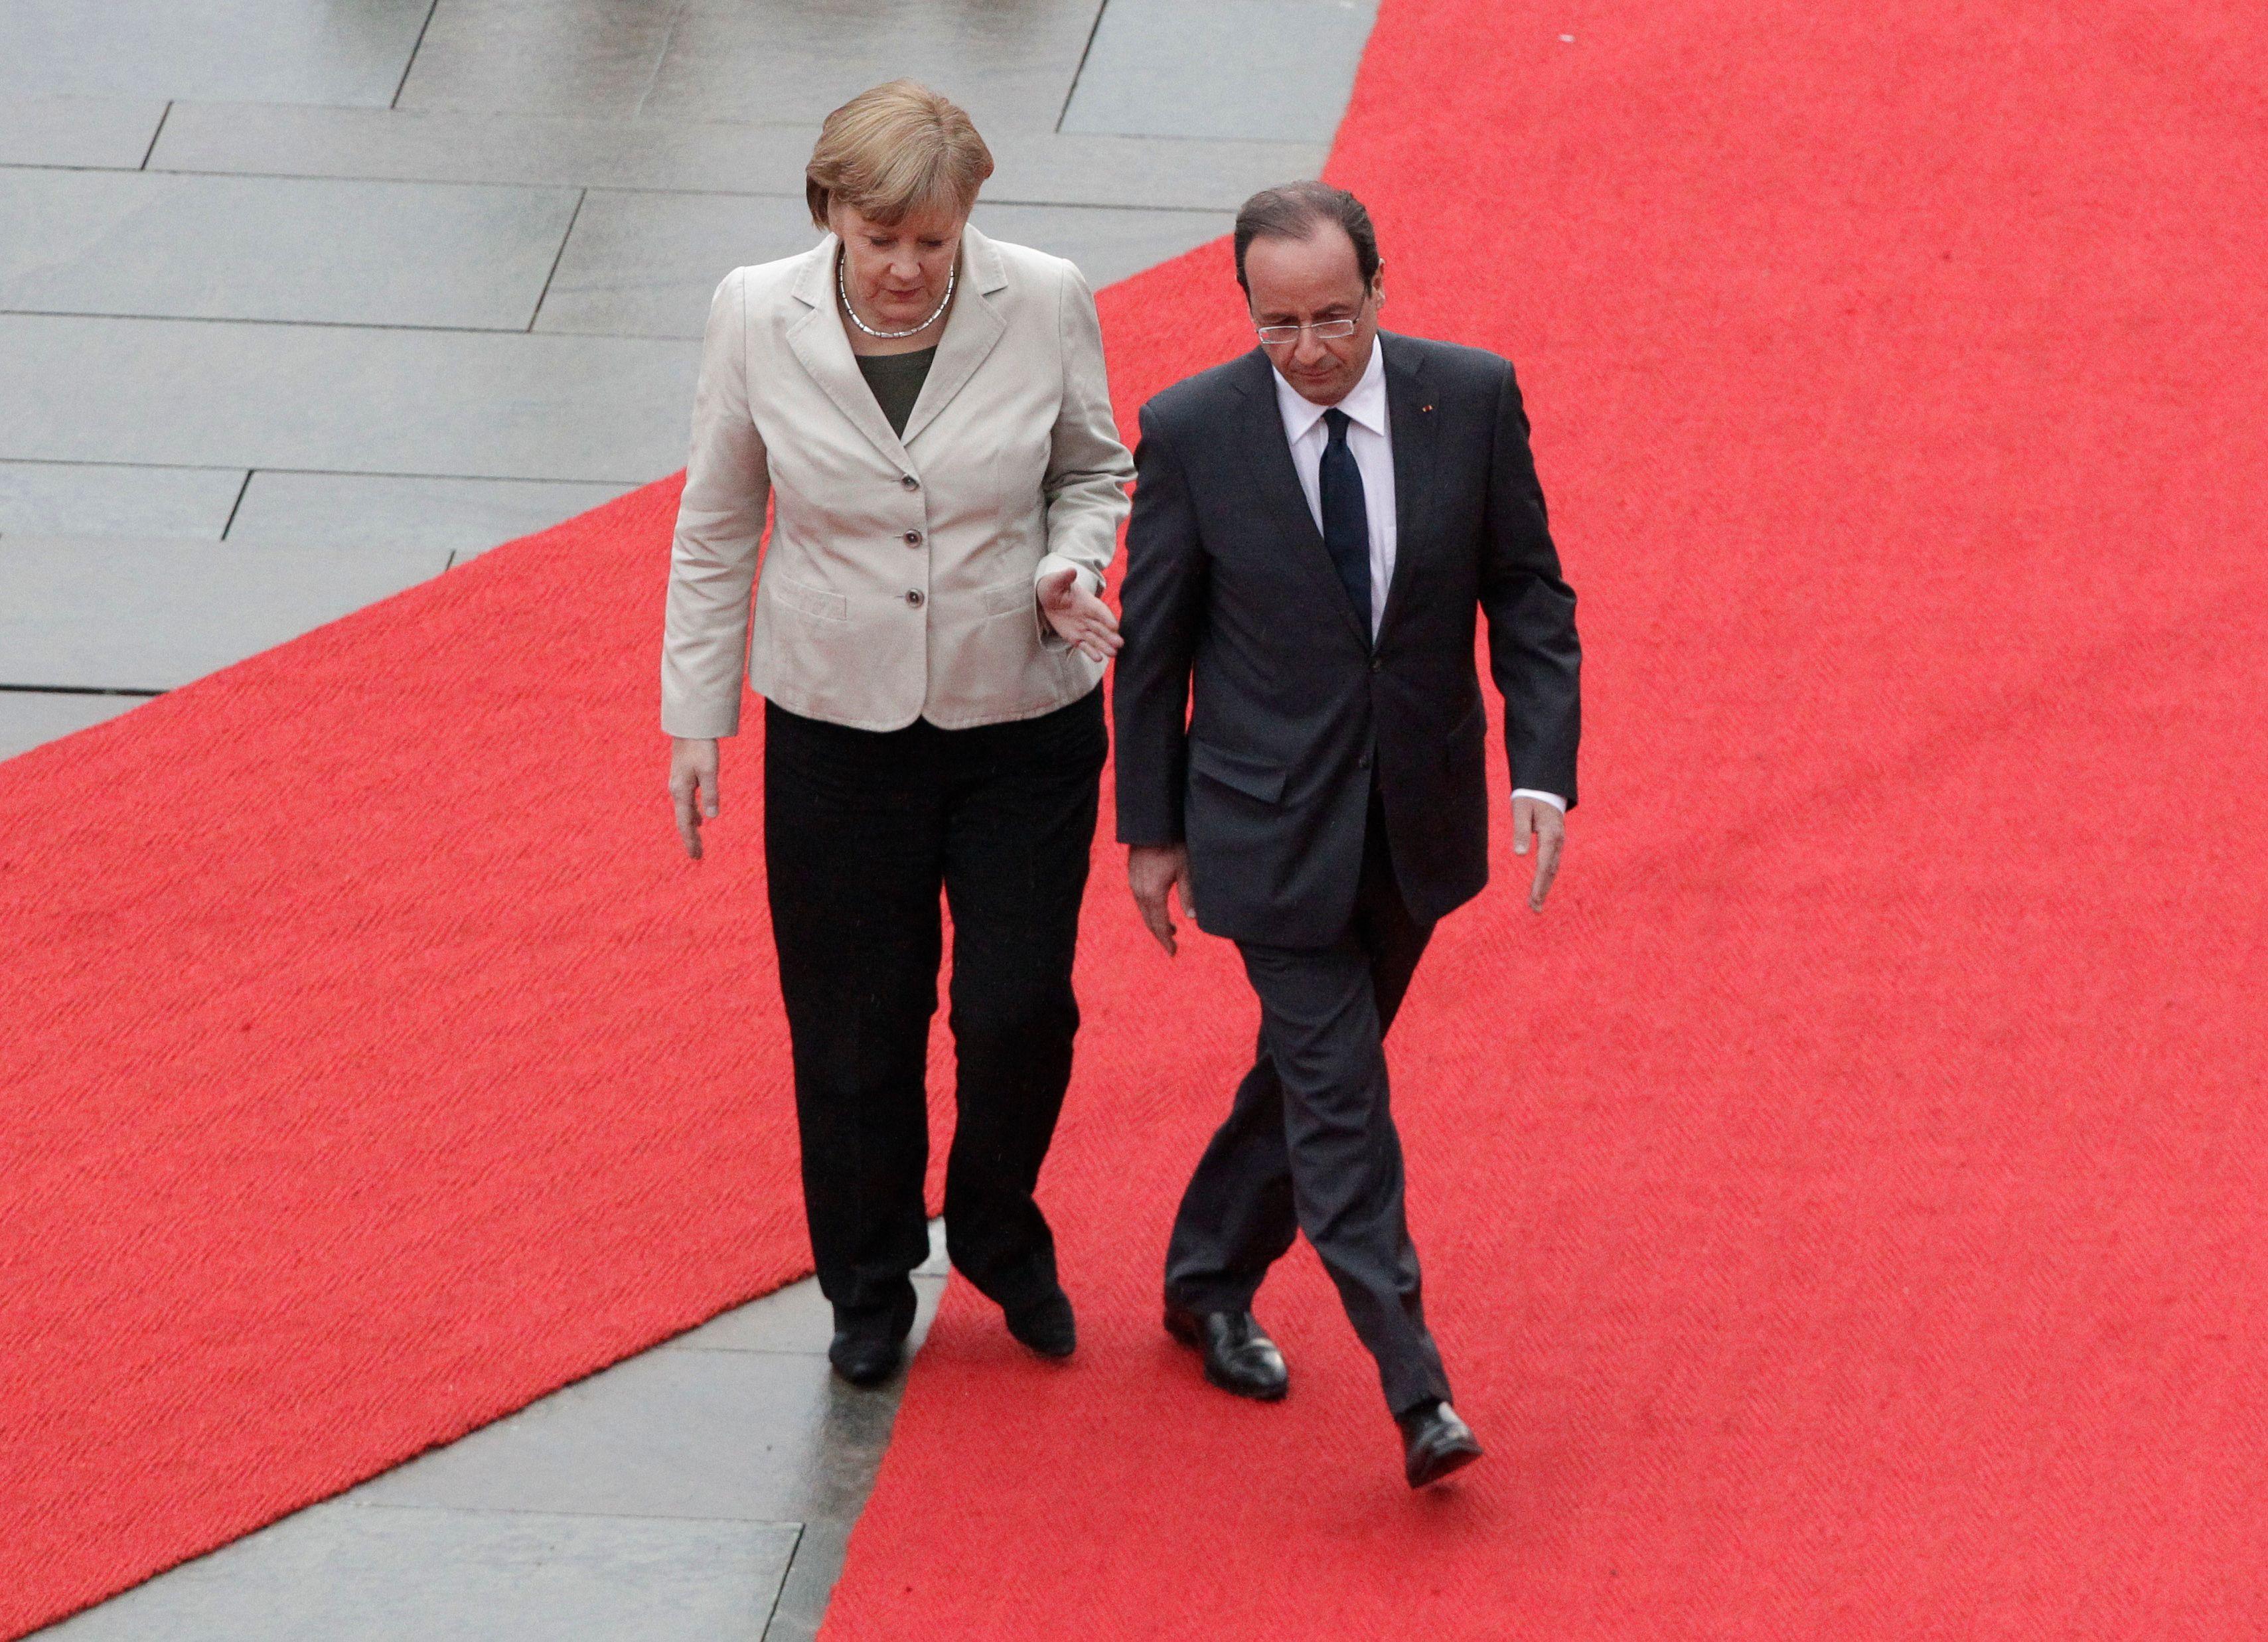 La rupture entre la France et l'Allemagne se consume davantage, de jour en jour.